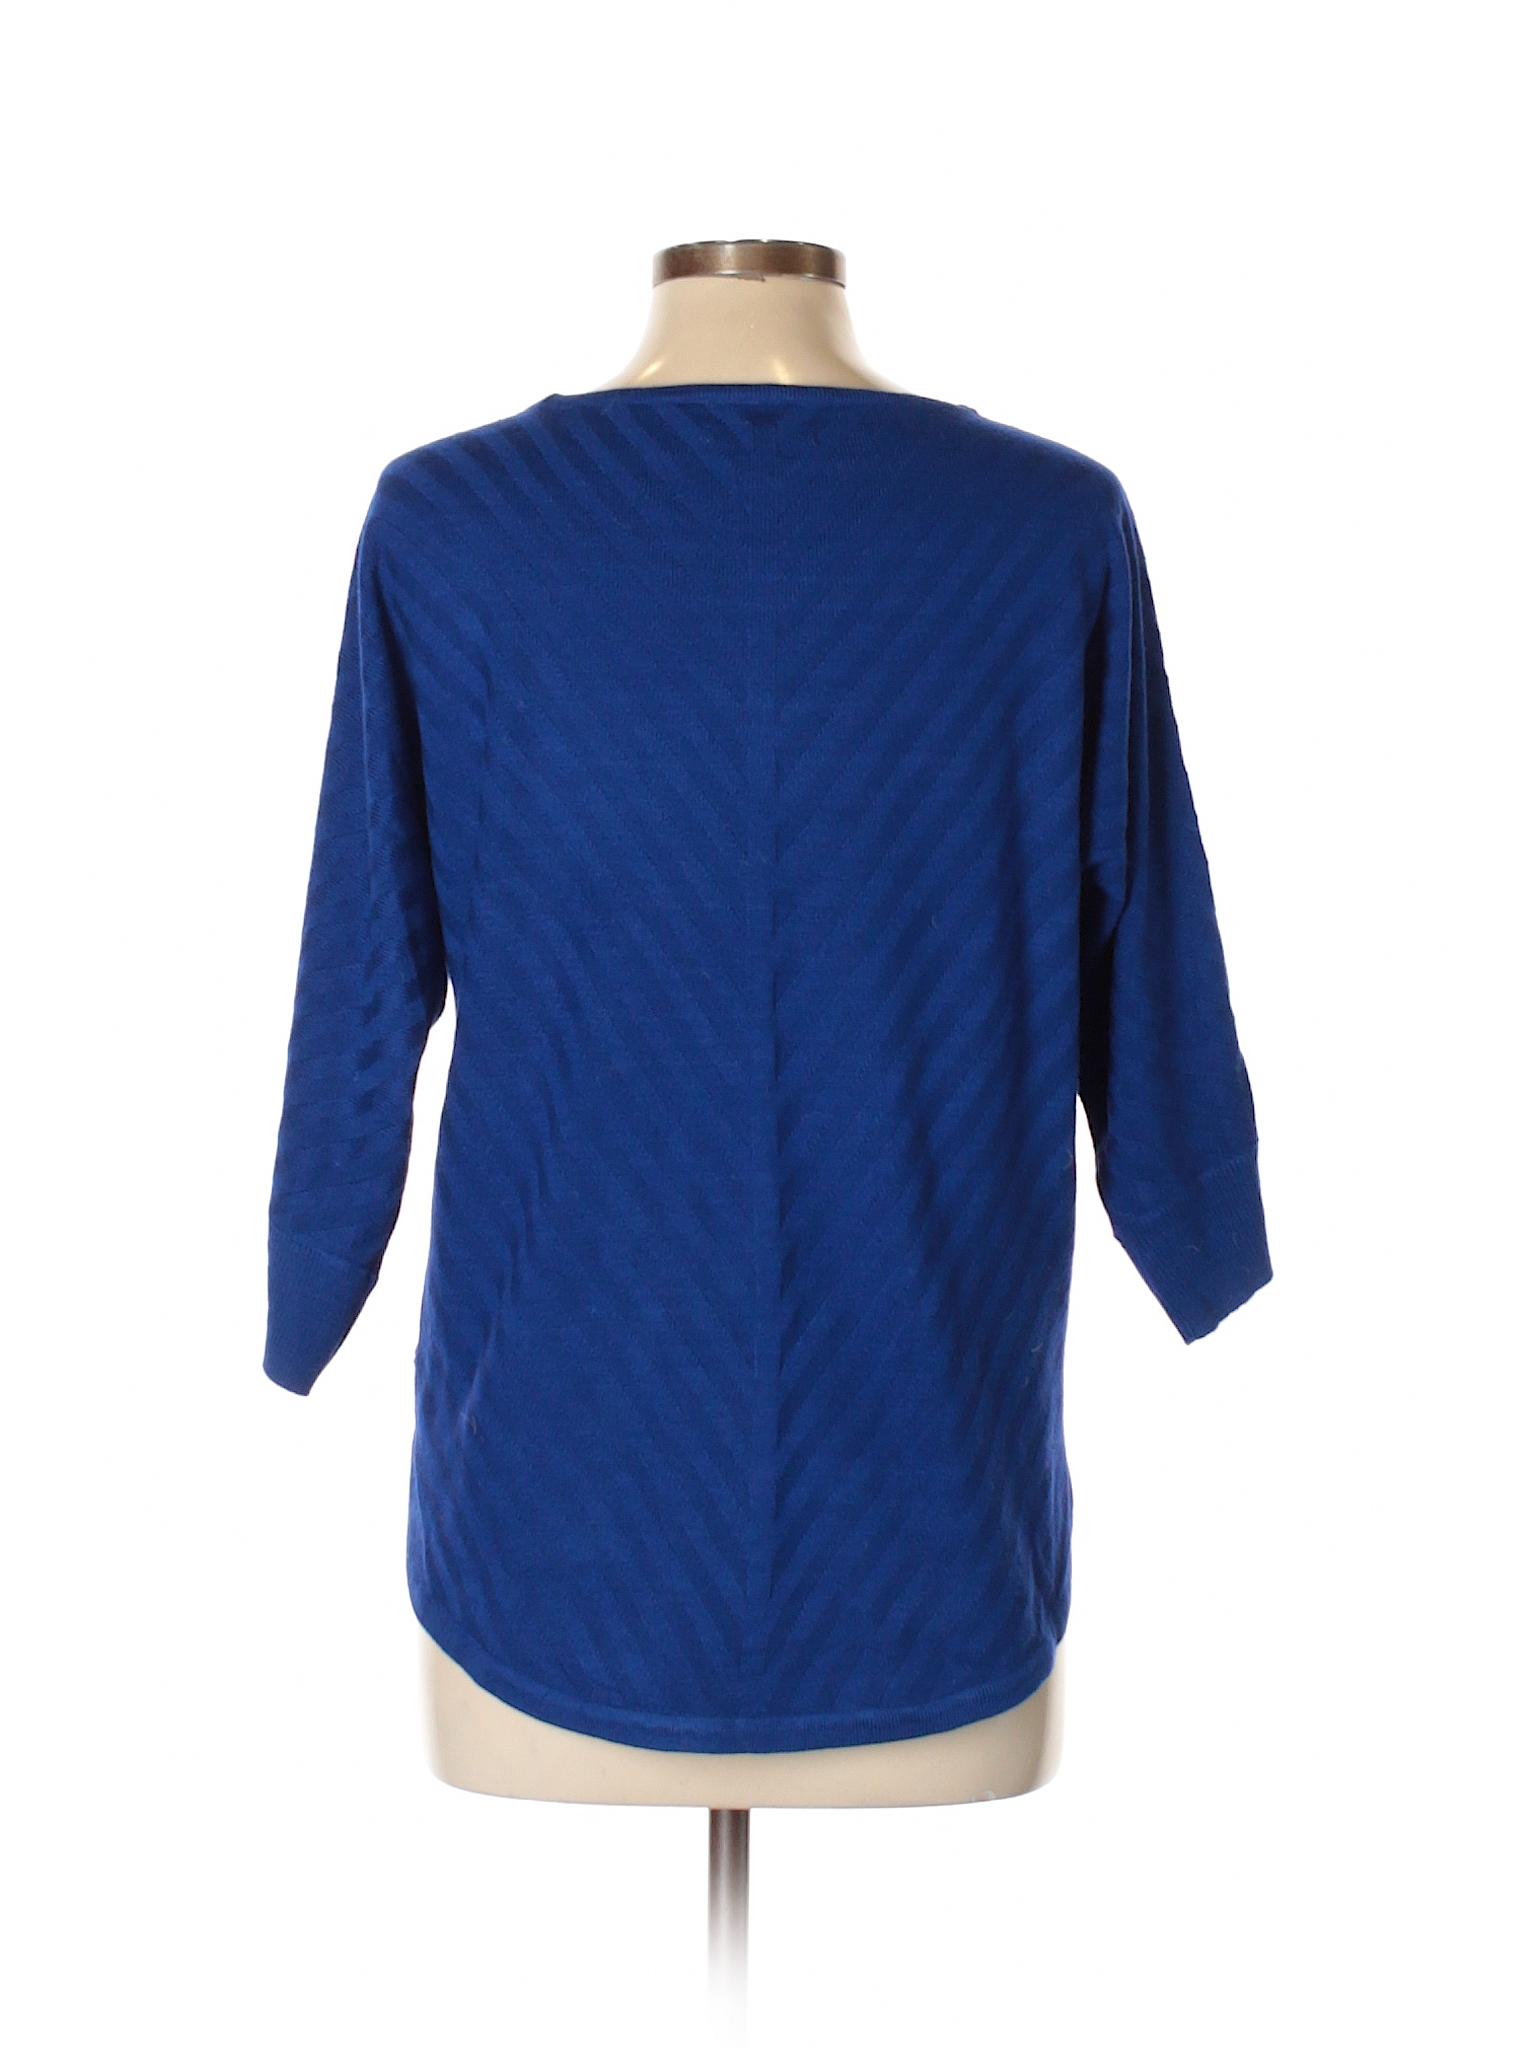 Pullover Boutique Sweater Buchman Dana Buchman Sweater Dana Boutique Pullover Pullover Boutique Buchman Sweater Dana qF5x5t8